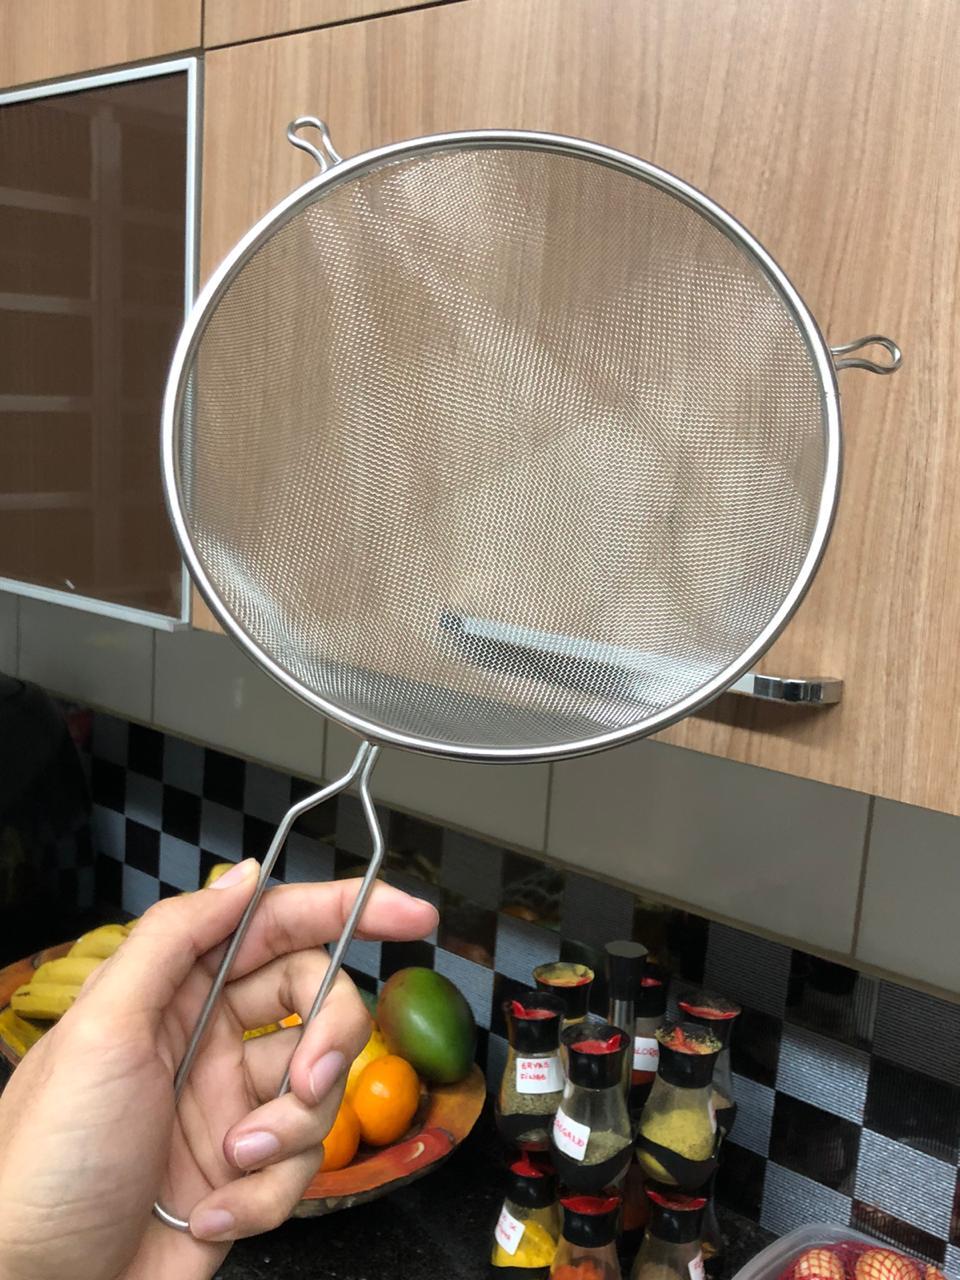 Peneira inox de cozinha 21cm MimoStyle escorrer macarrão